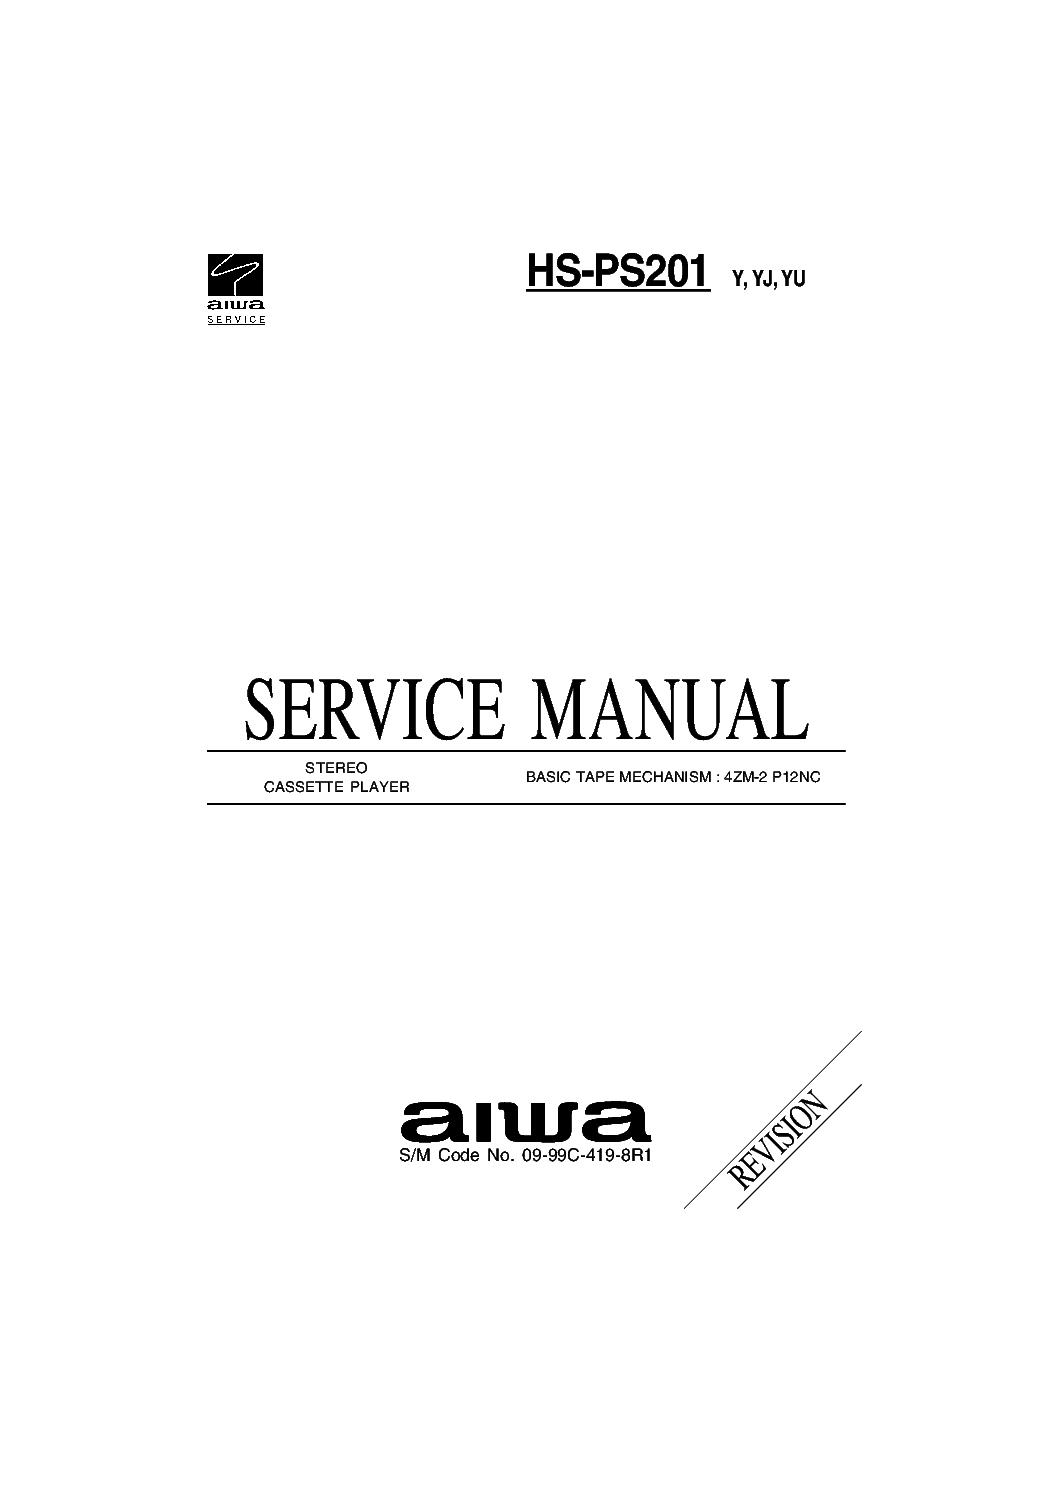 AIWA UZ-PS128 DRIVER FREE